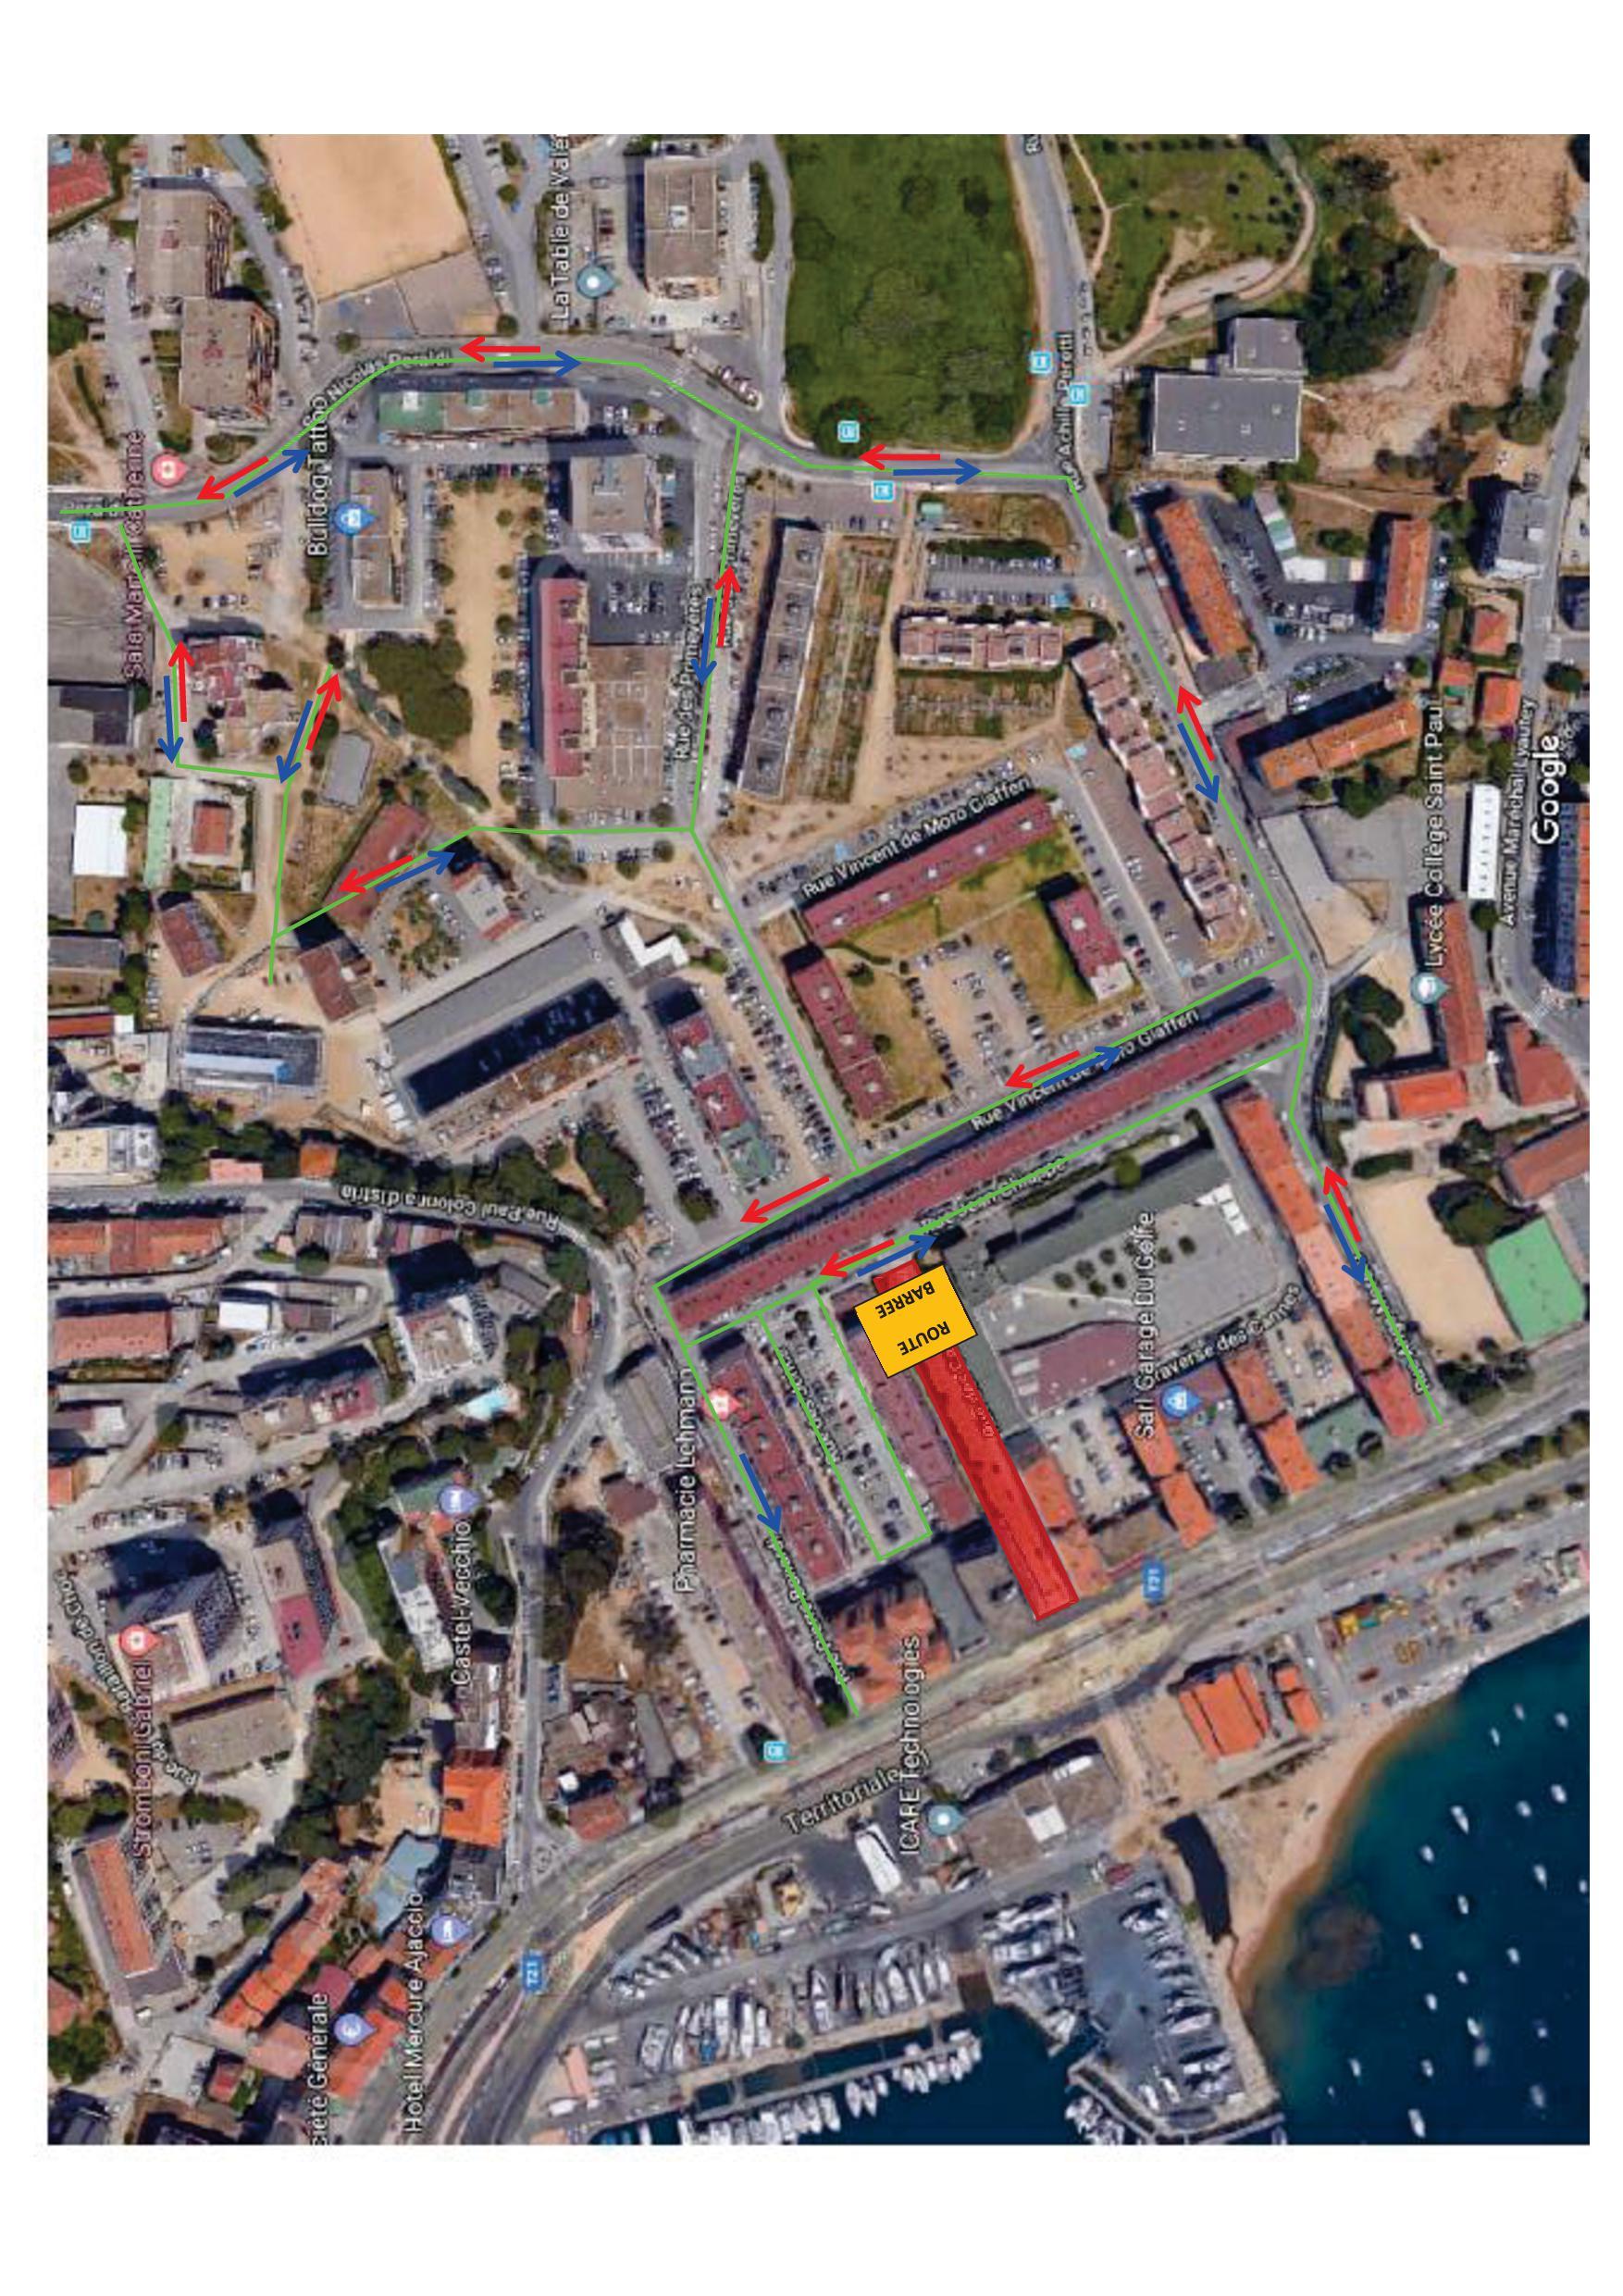 """Plan de Circulation temporaire aux Cannes - Mardi 14/01/2020 - """"Travaux de requalification Cannes-Salines"""""""